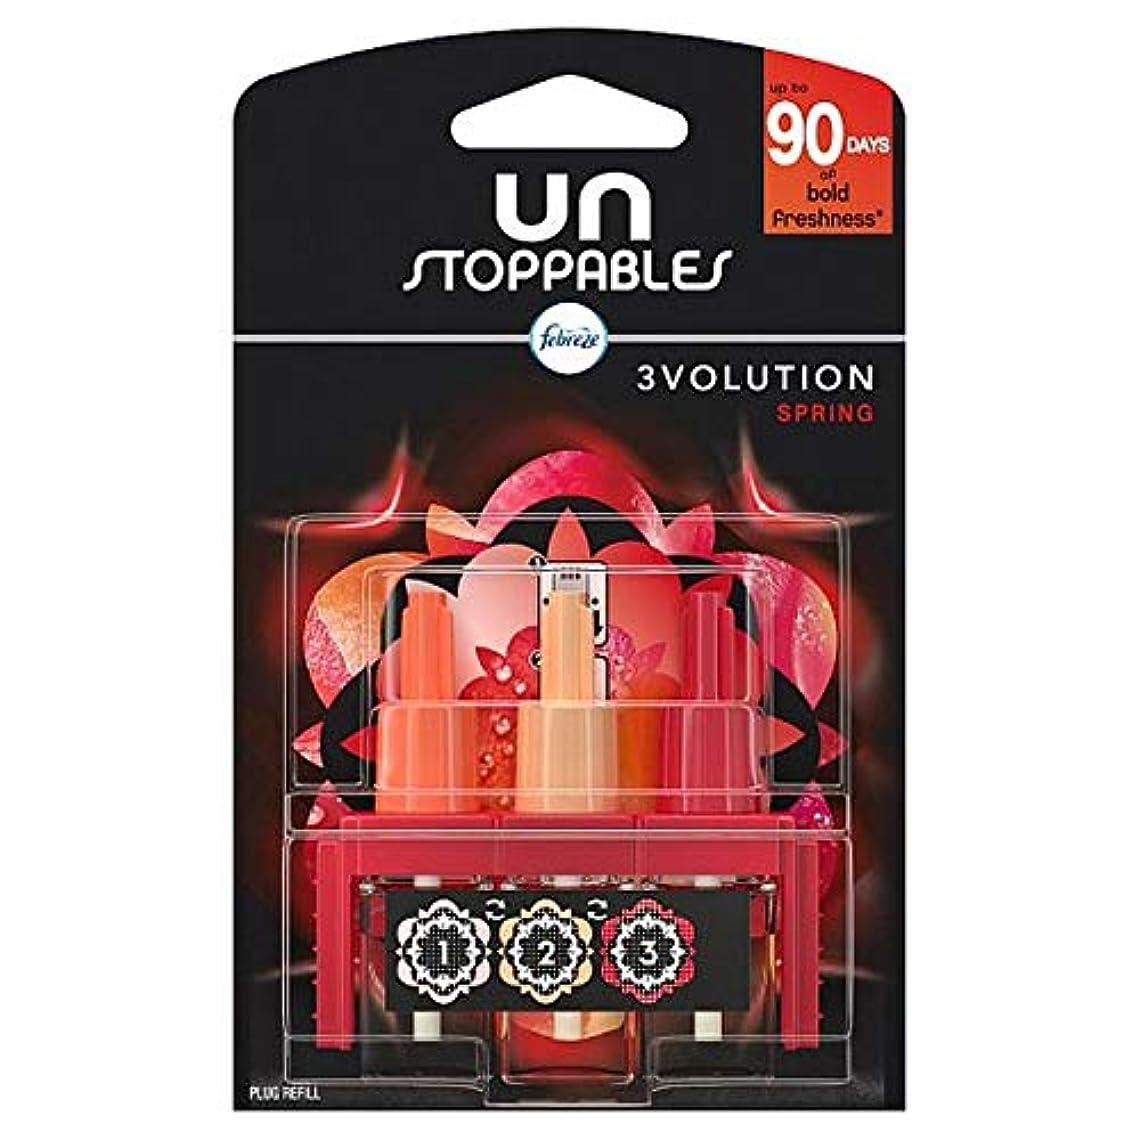 補体買い手ご予約[Febreze] リフィル20ミリリットルでUnstoppables 3Volutionスプリングプラグ - Unstoppables 3Volution Spring Plug In Refill 20Ml [並行輸入品]